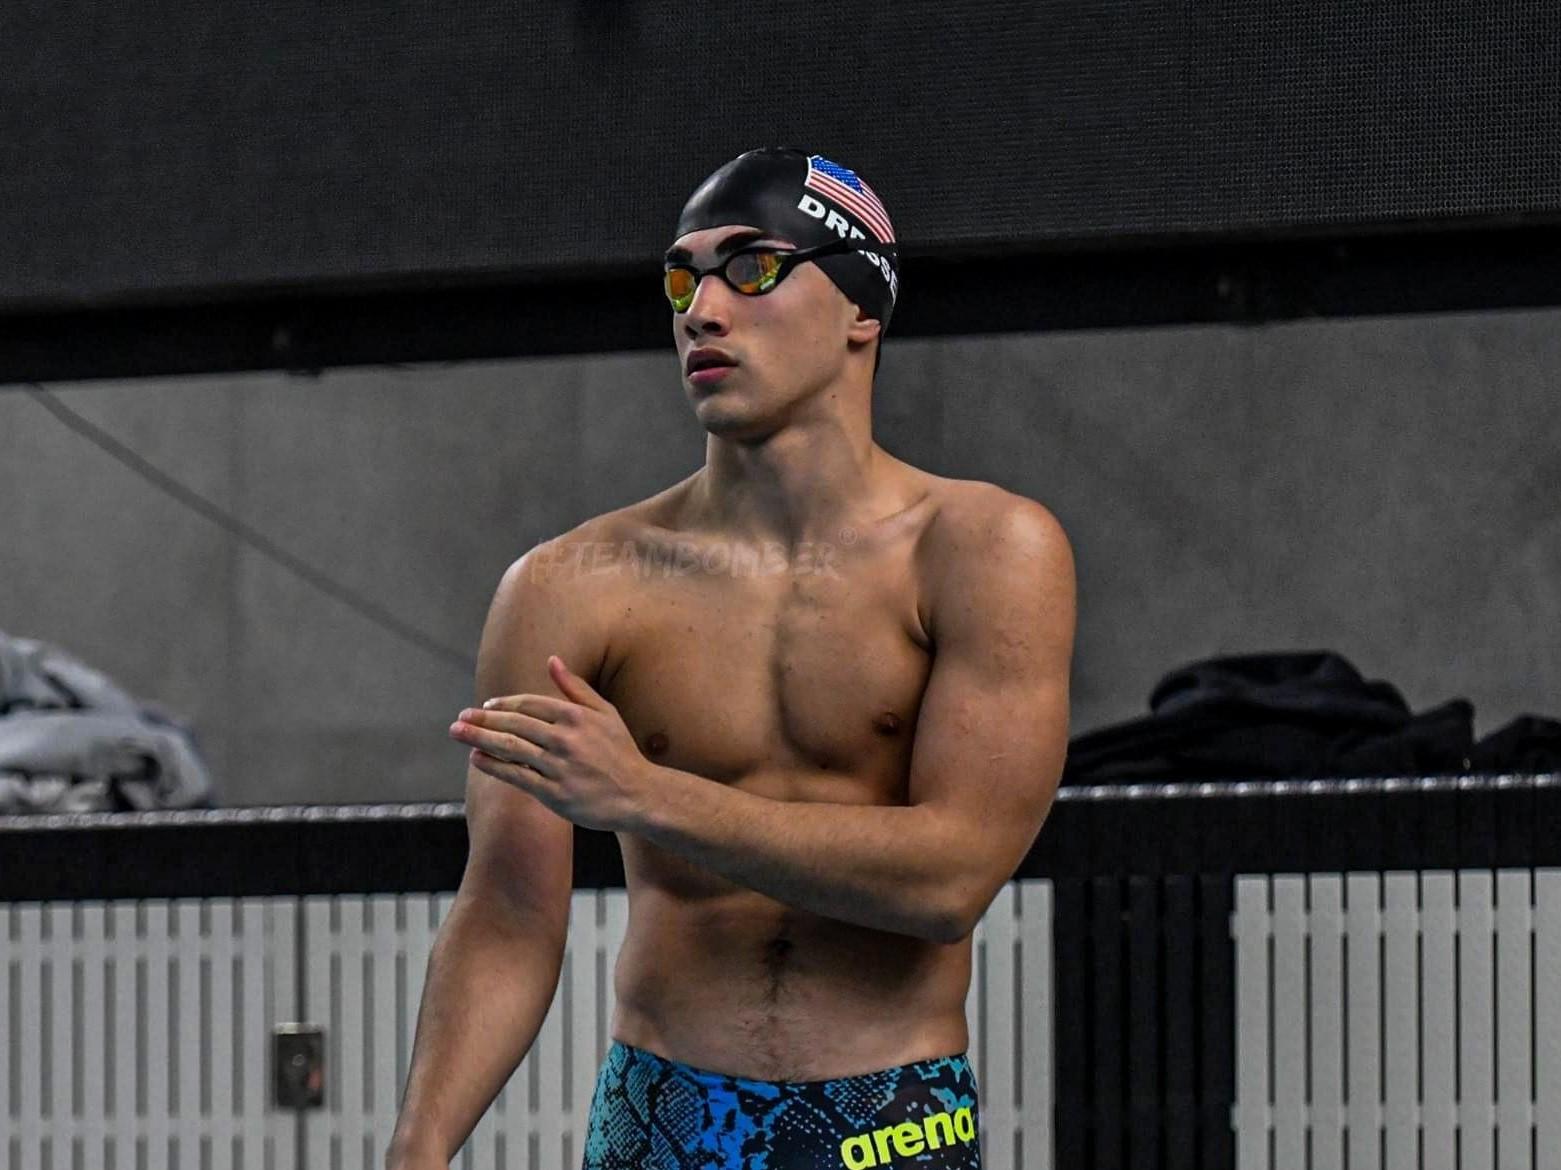 Gaetano Lubrano Lobianco Campione Italiano di Categoria (3)